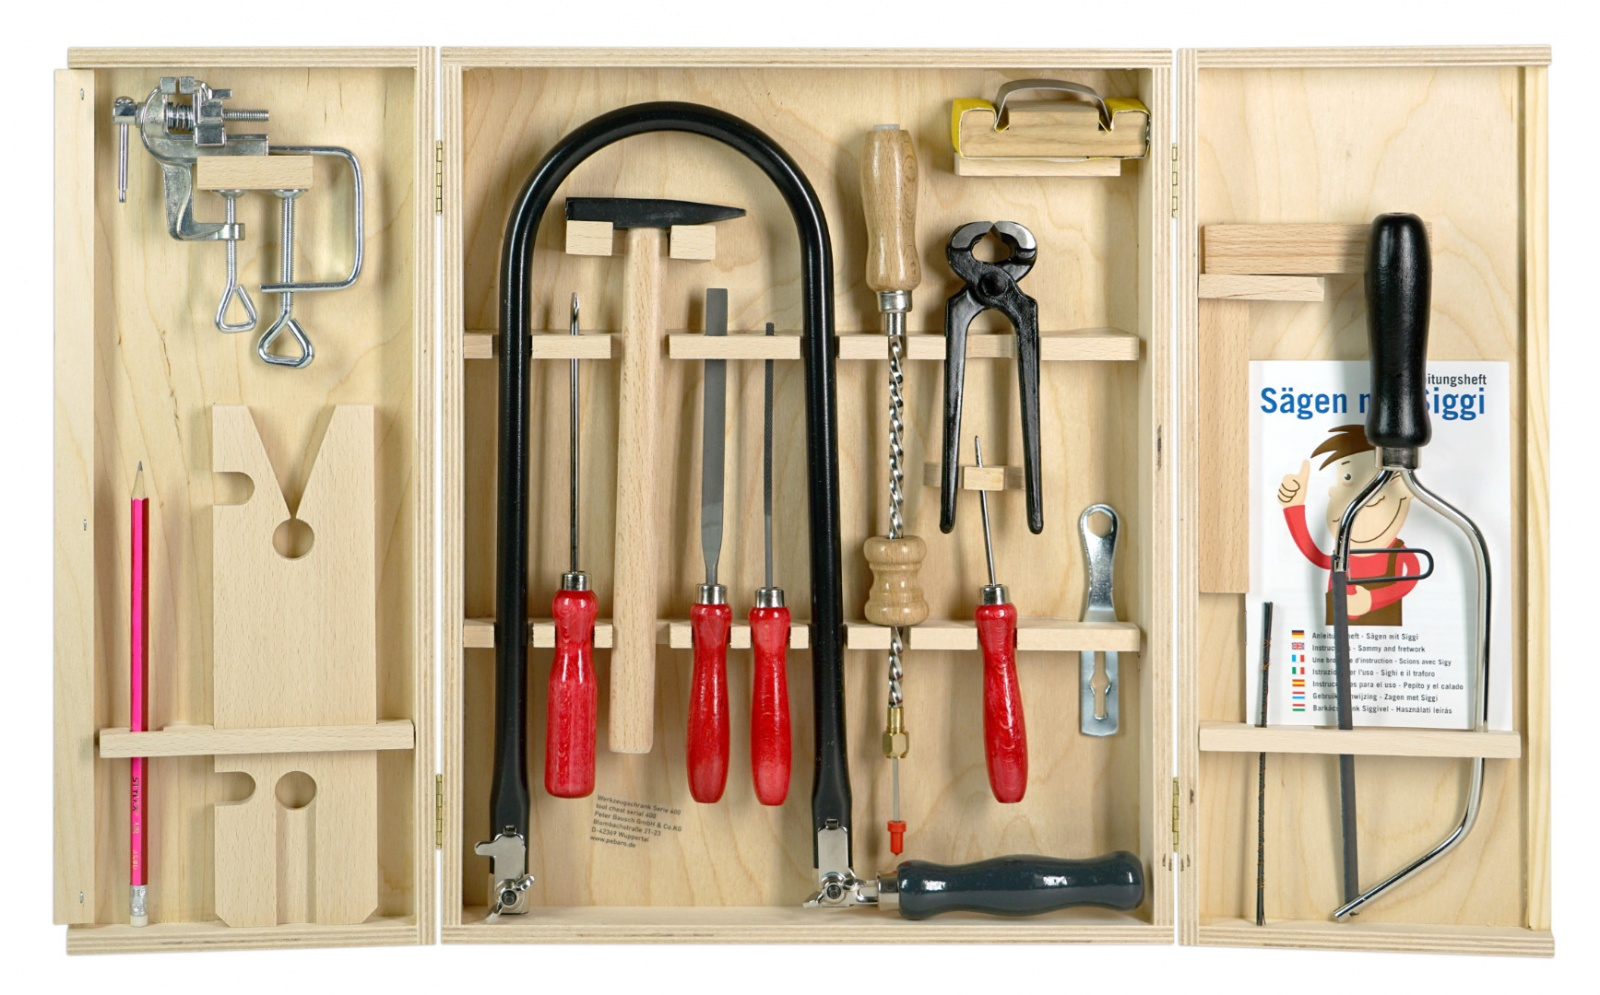 Уроки труда на дому: наборы детских инструментов от Pebaro - 1